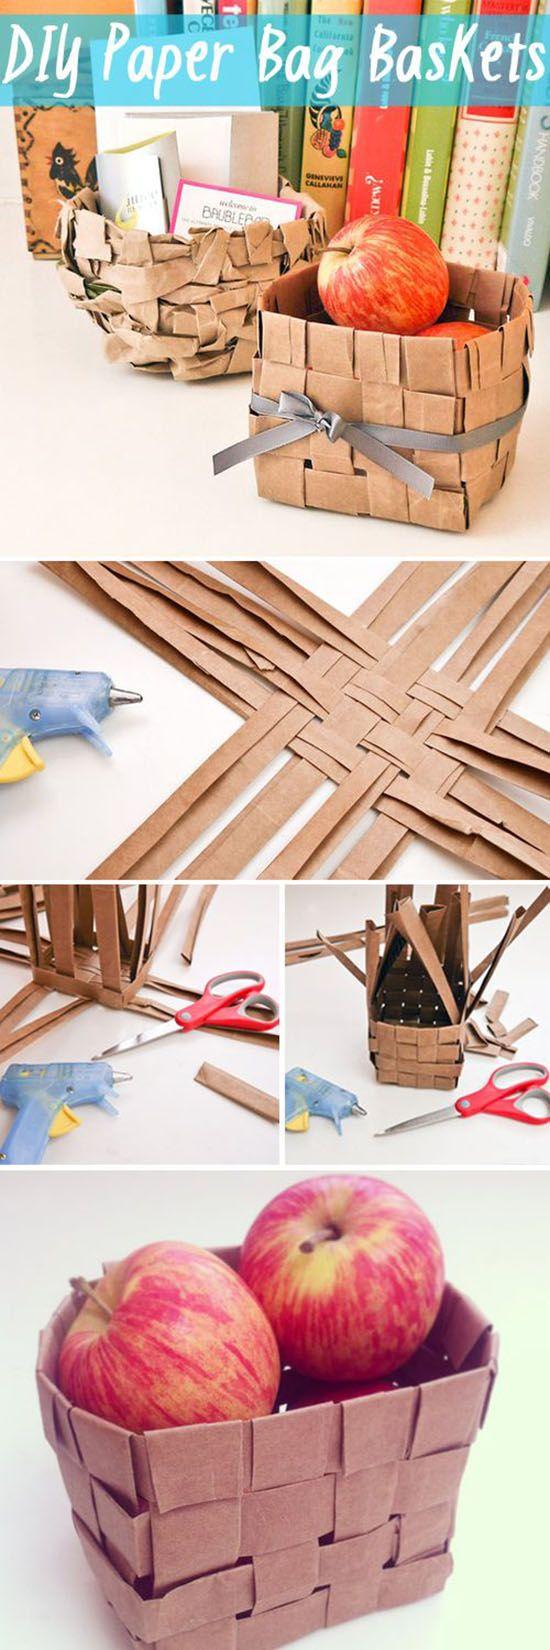 Diy Paper Bag Basket | DIY & Crafts